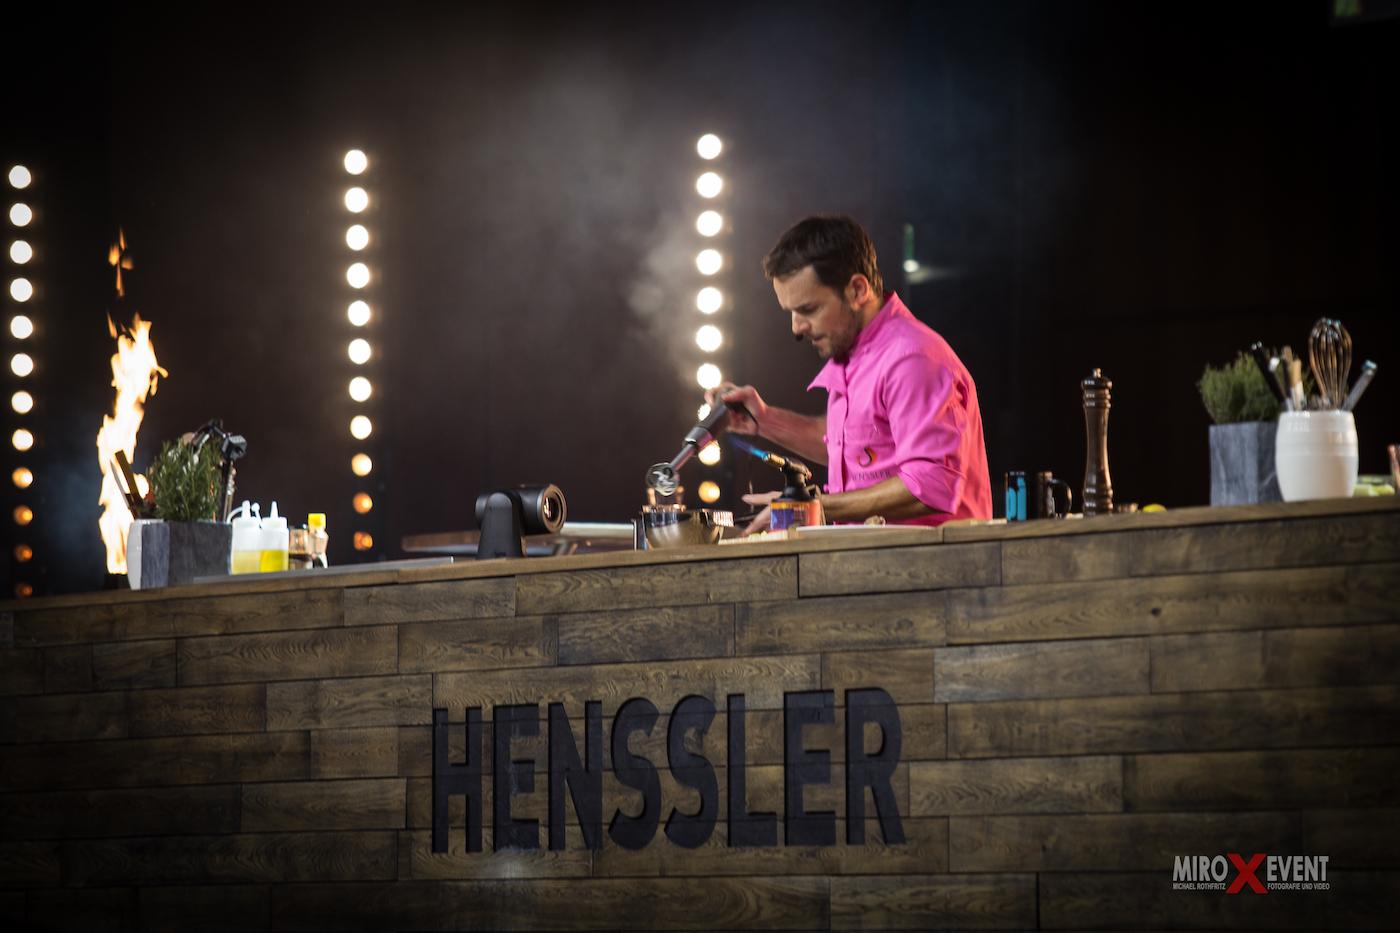 henssler-10-4